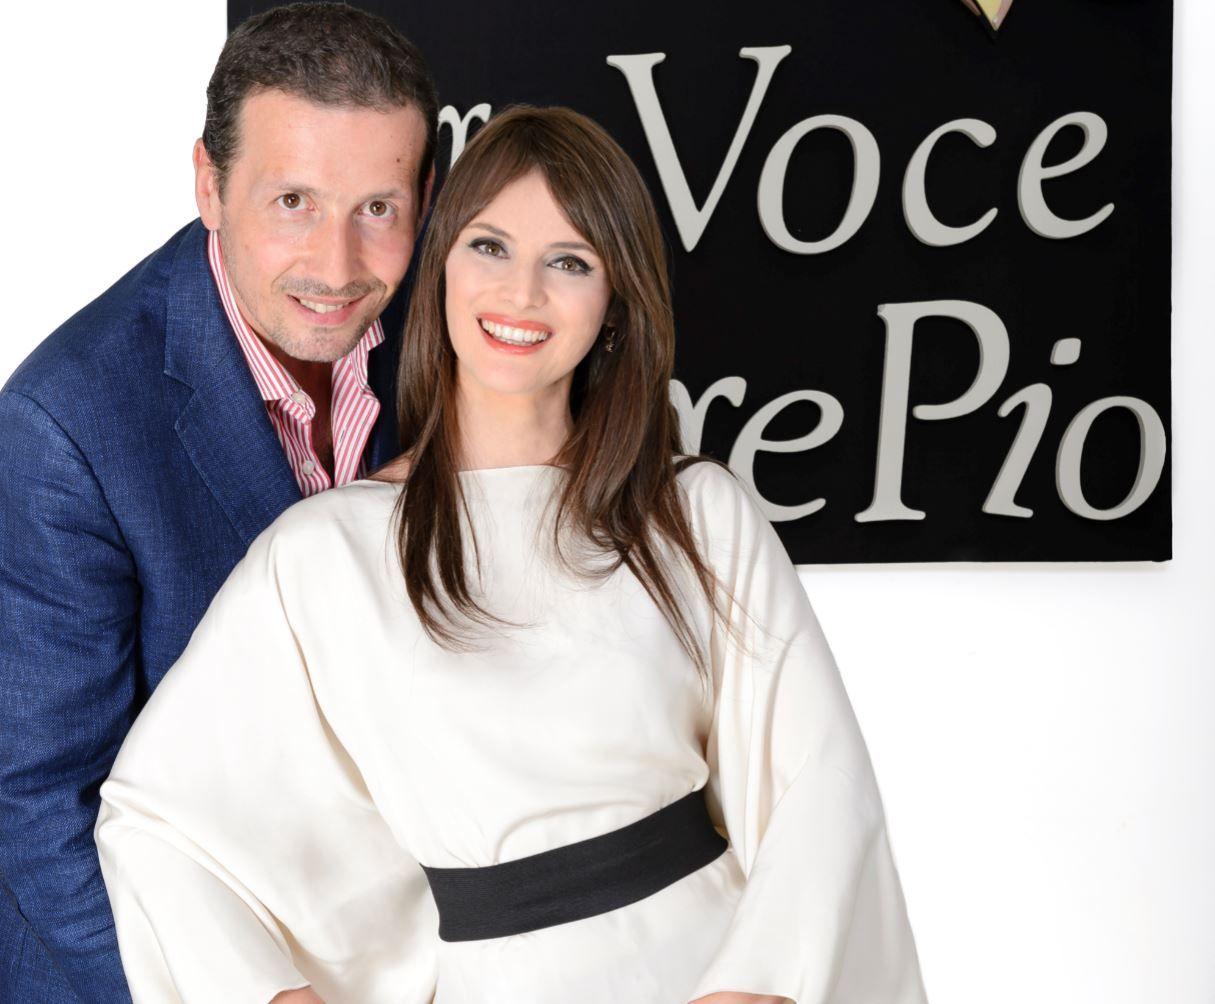 Una voce per Padre Pio: stasera su Rai1 con Alessandro Greco e Lorena Bianchetti